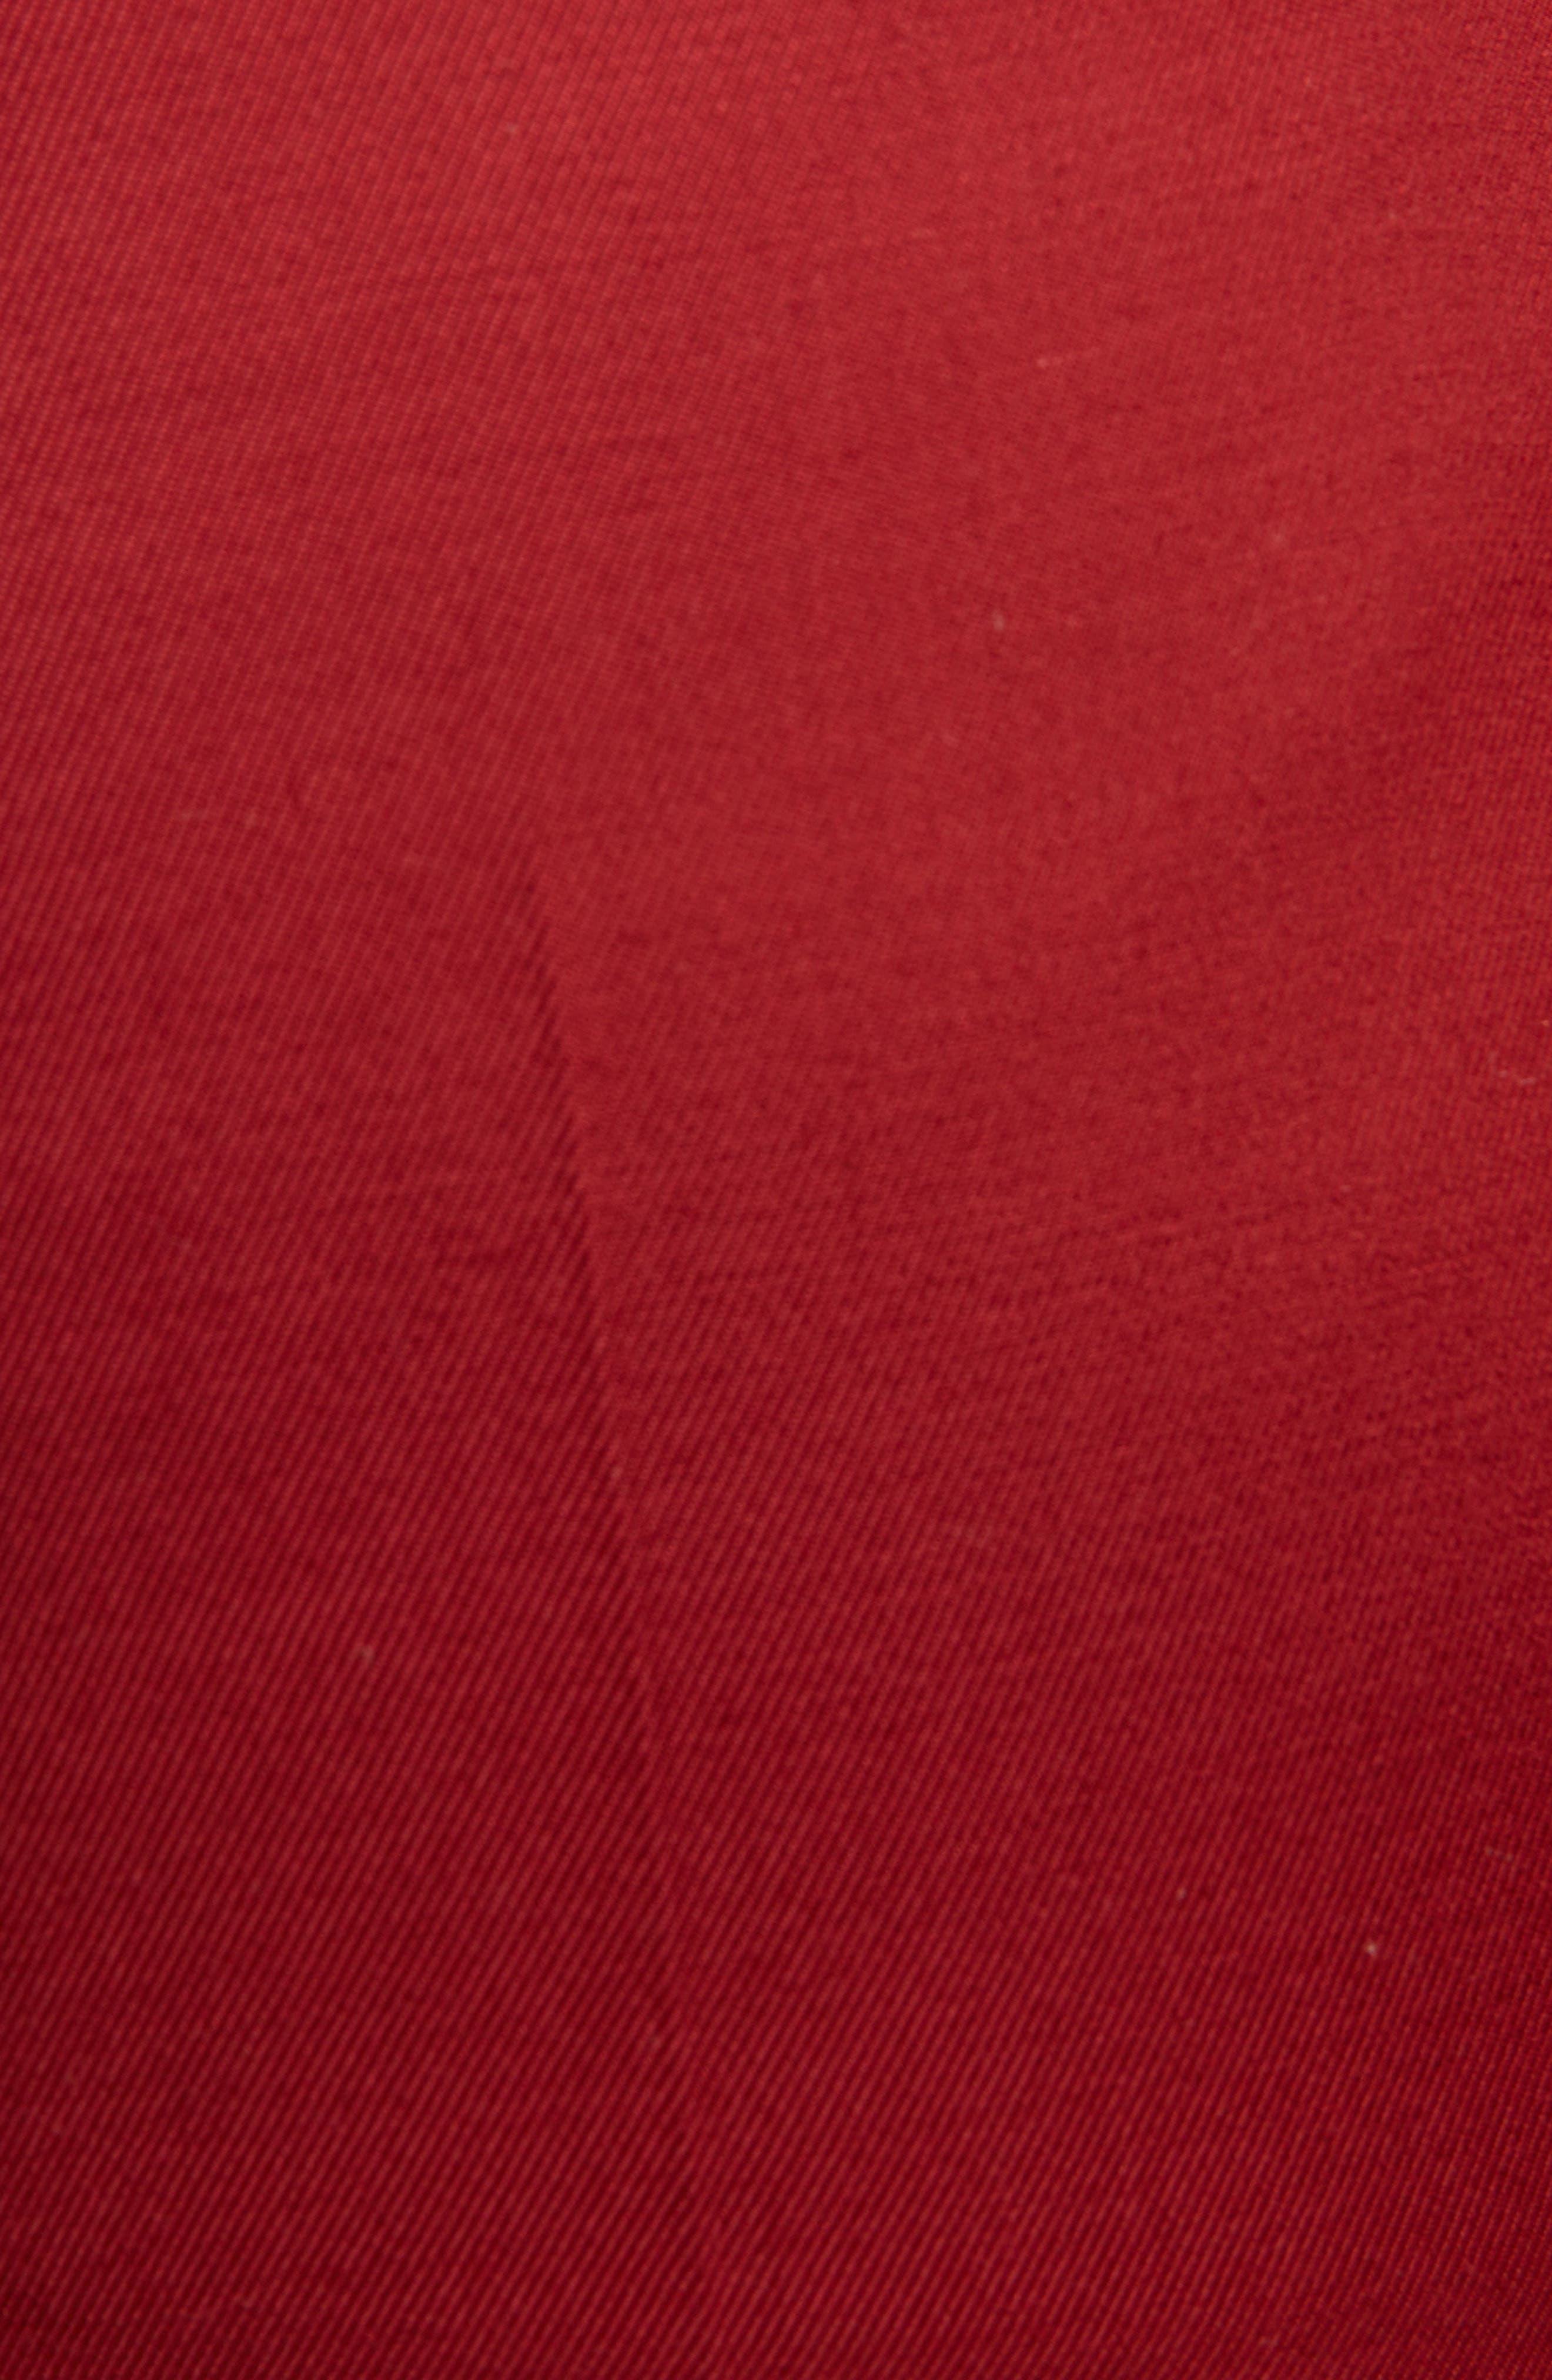 Tohny Suit Pants,                             Alternate thumbnail 5, color,                             930